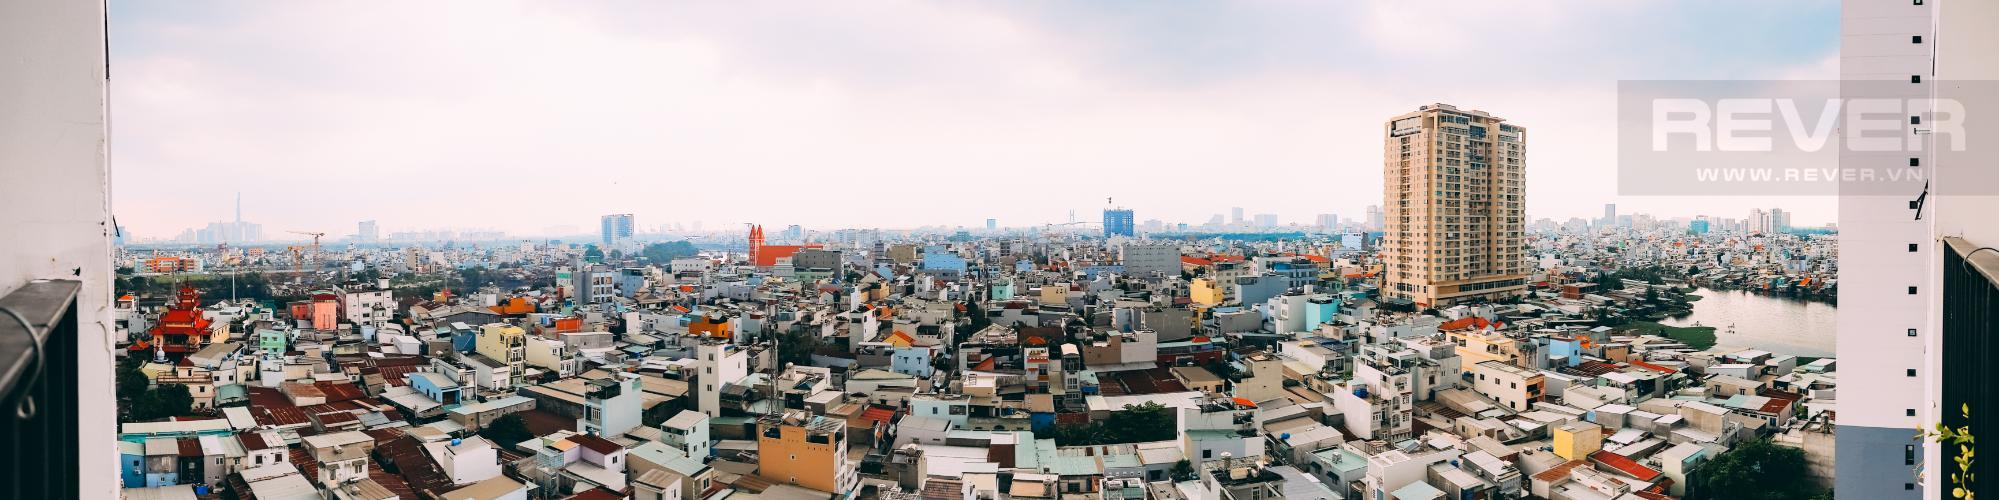 View Bán căn hộ M-One Nam Sài Gòn tầng trung, 2PN đầy đủ nội thất